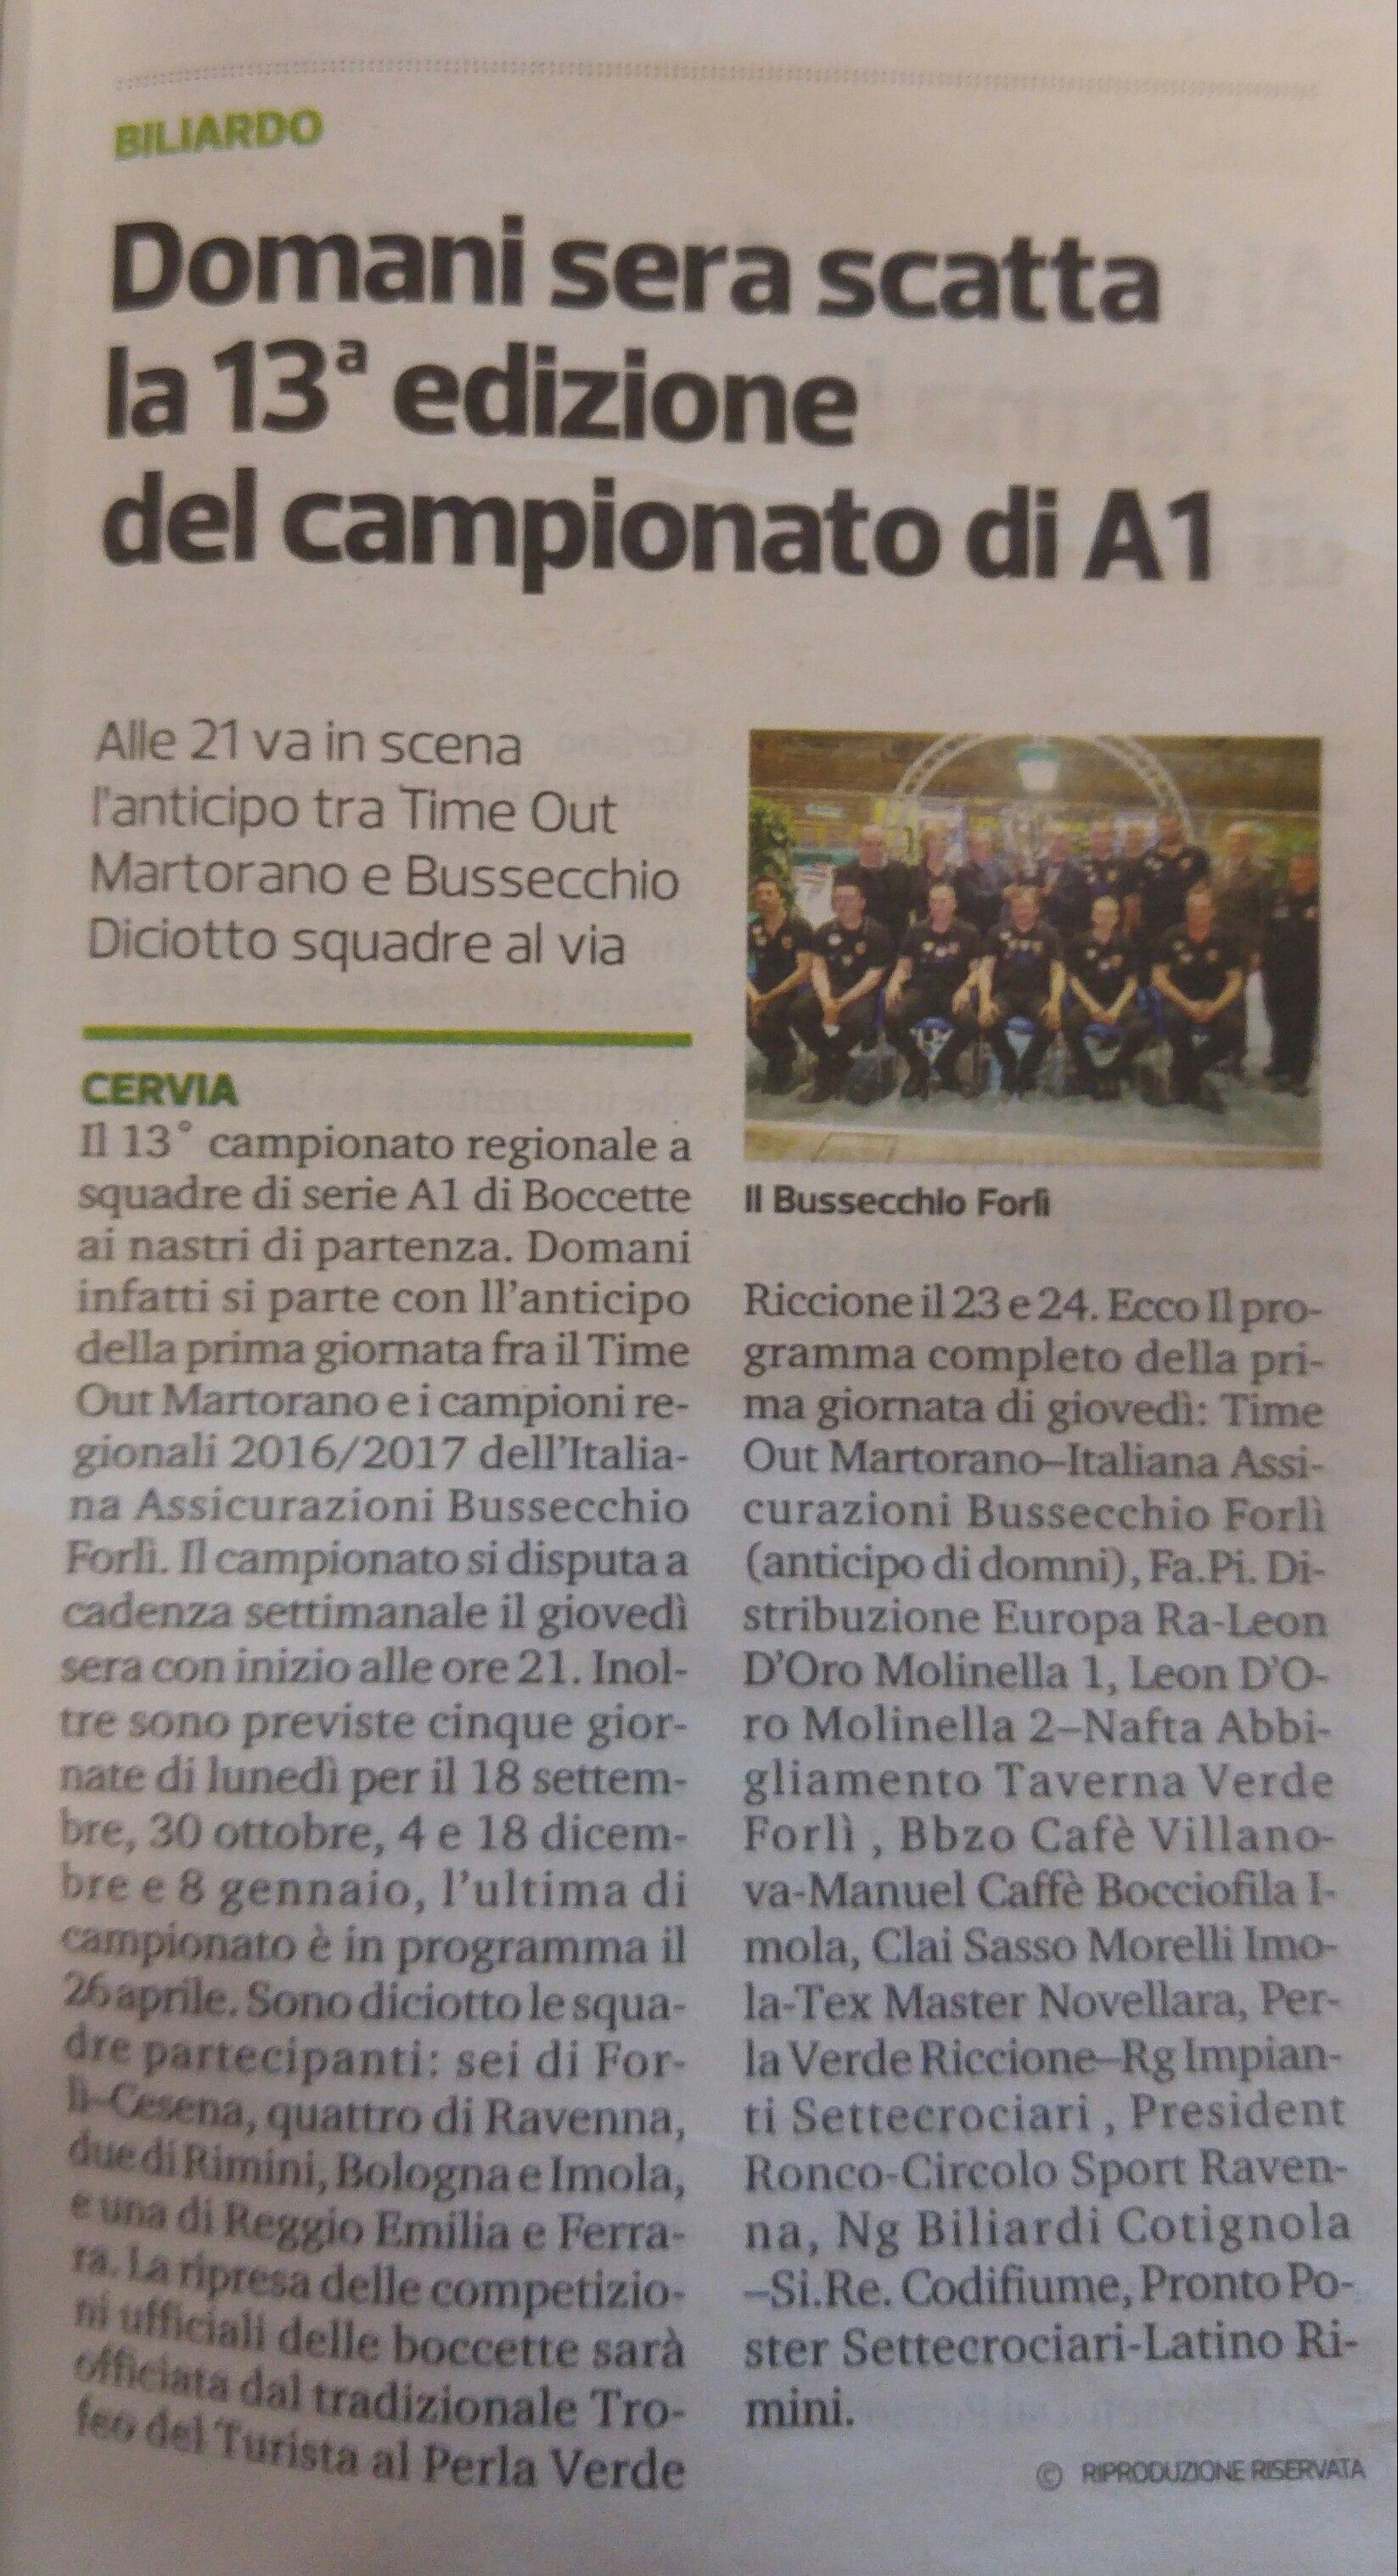 Corriere Romagna 10 09 2017